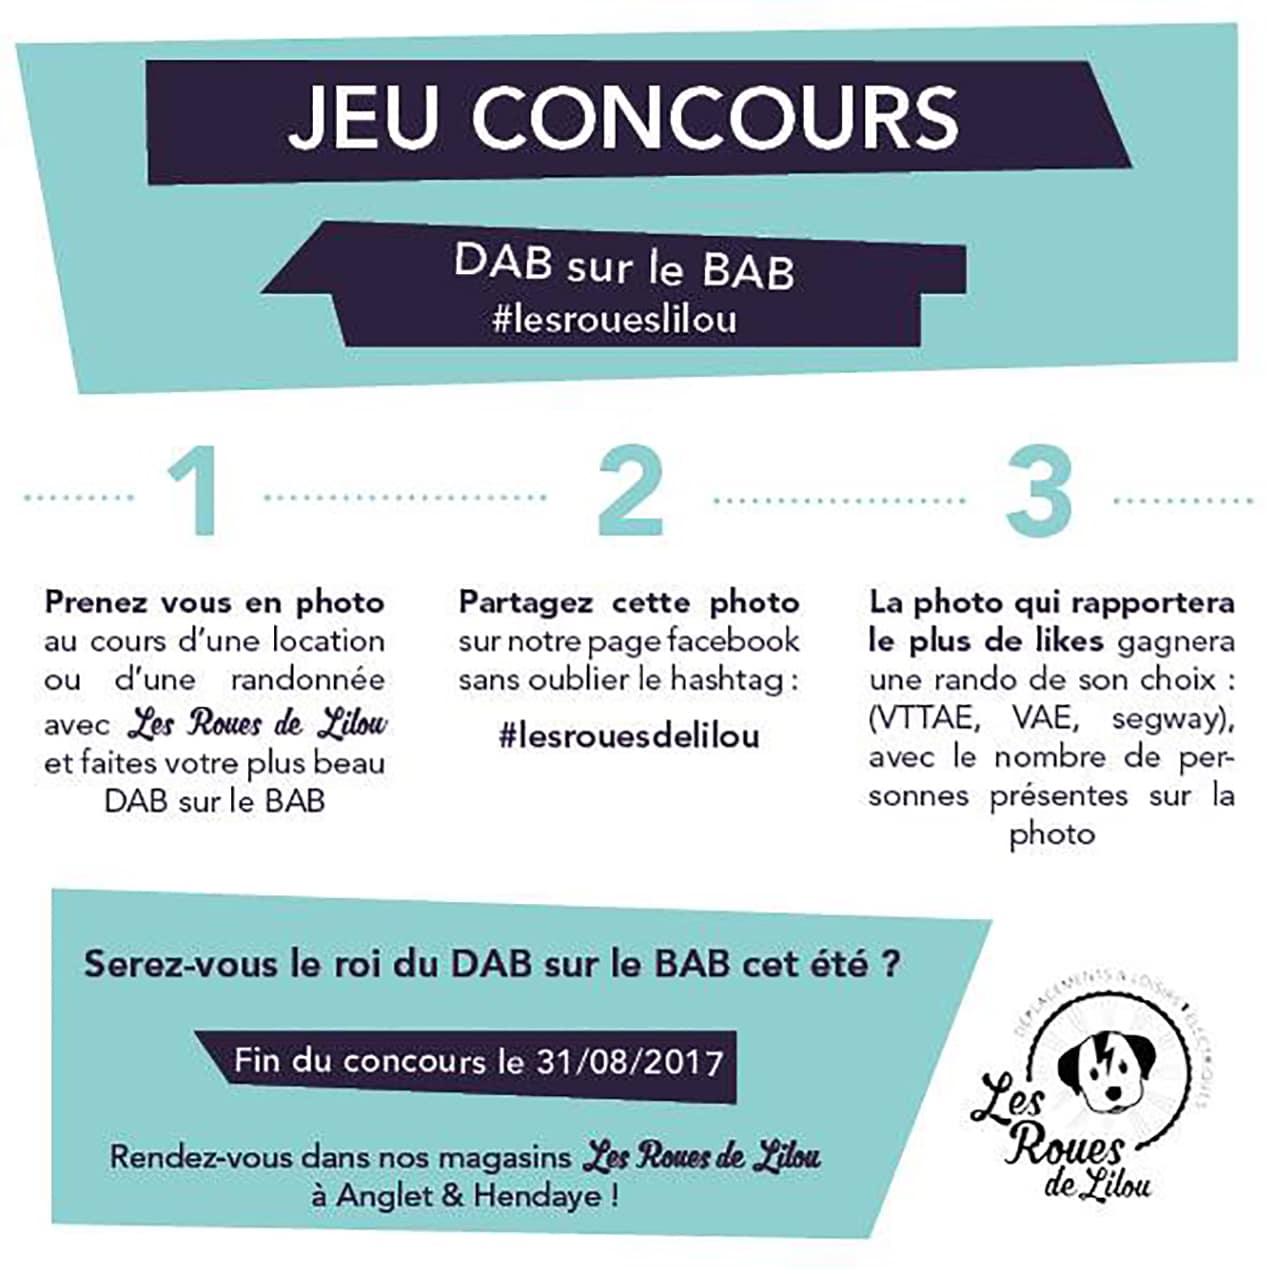 Concours de D.A.B sur le B.A.B